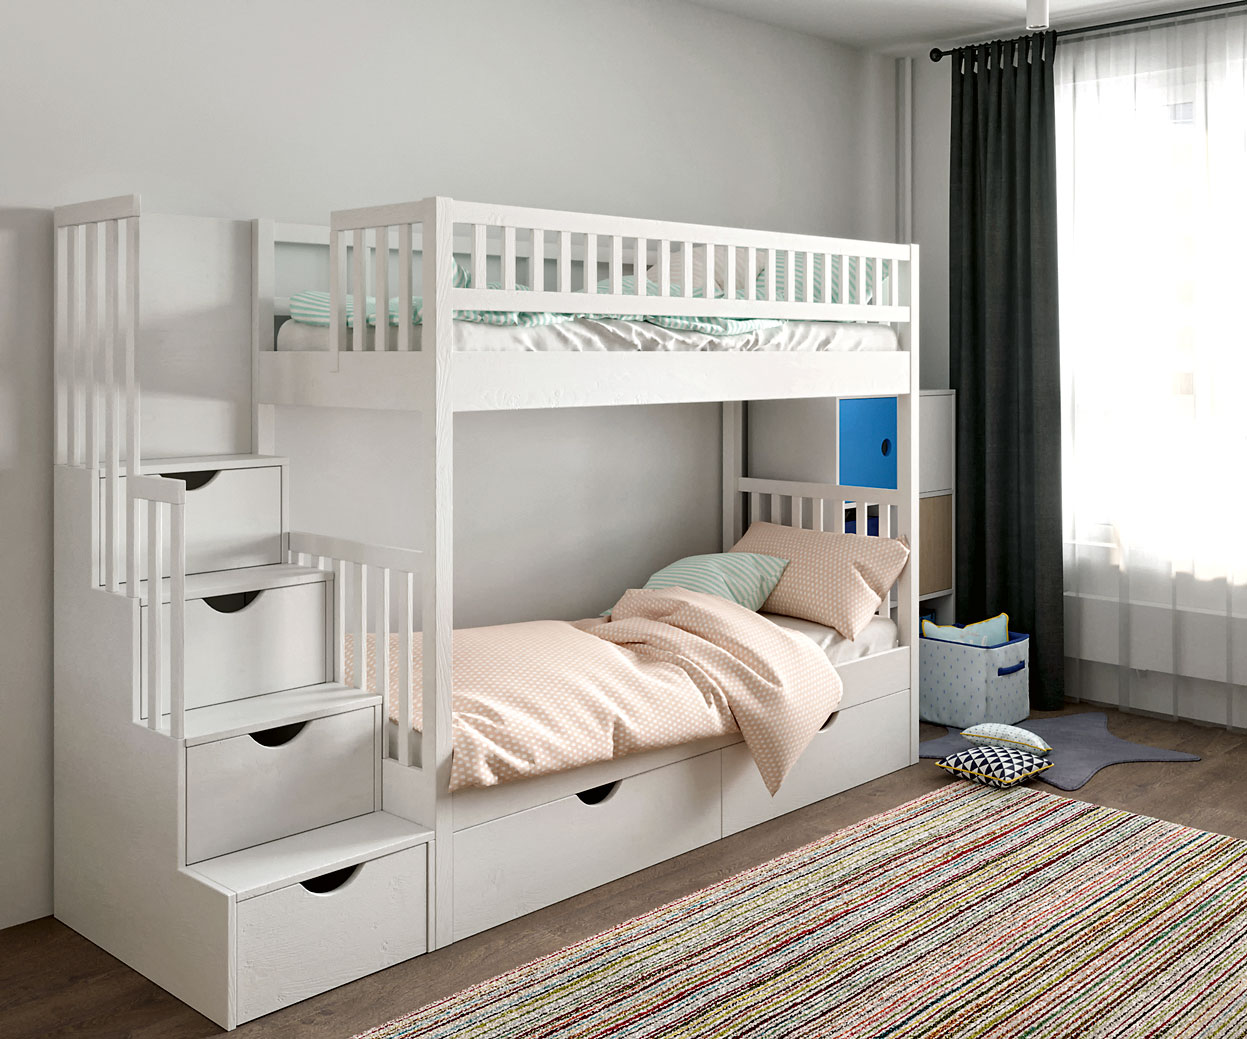 белая двухъярусная кровать фото рано увидели